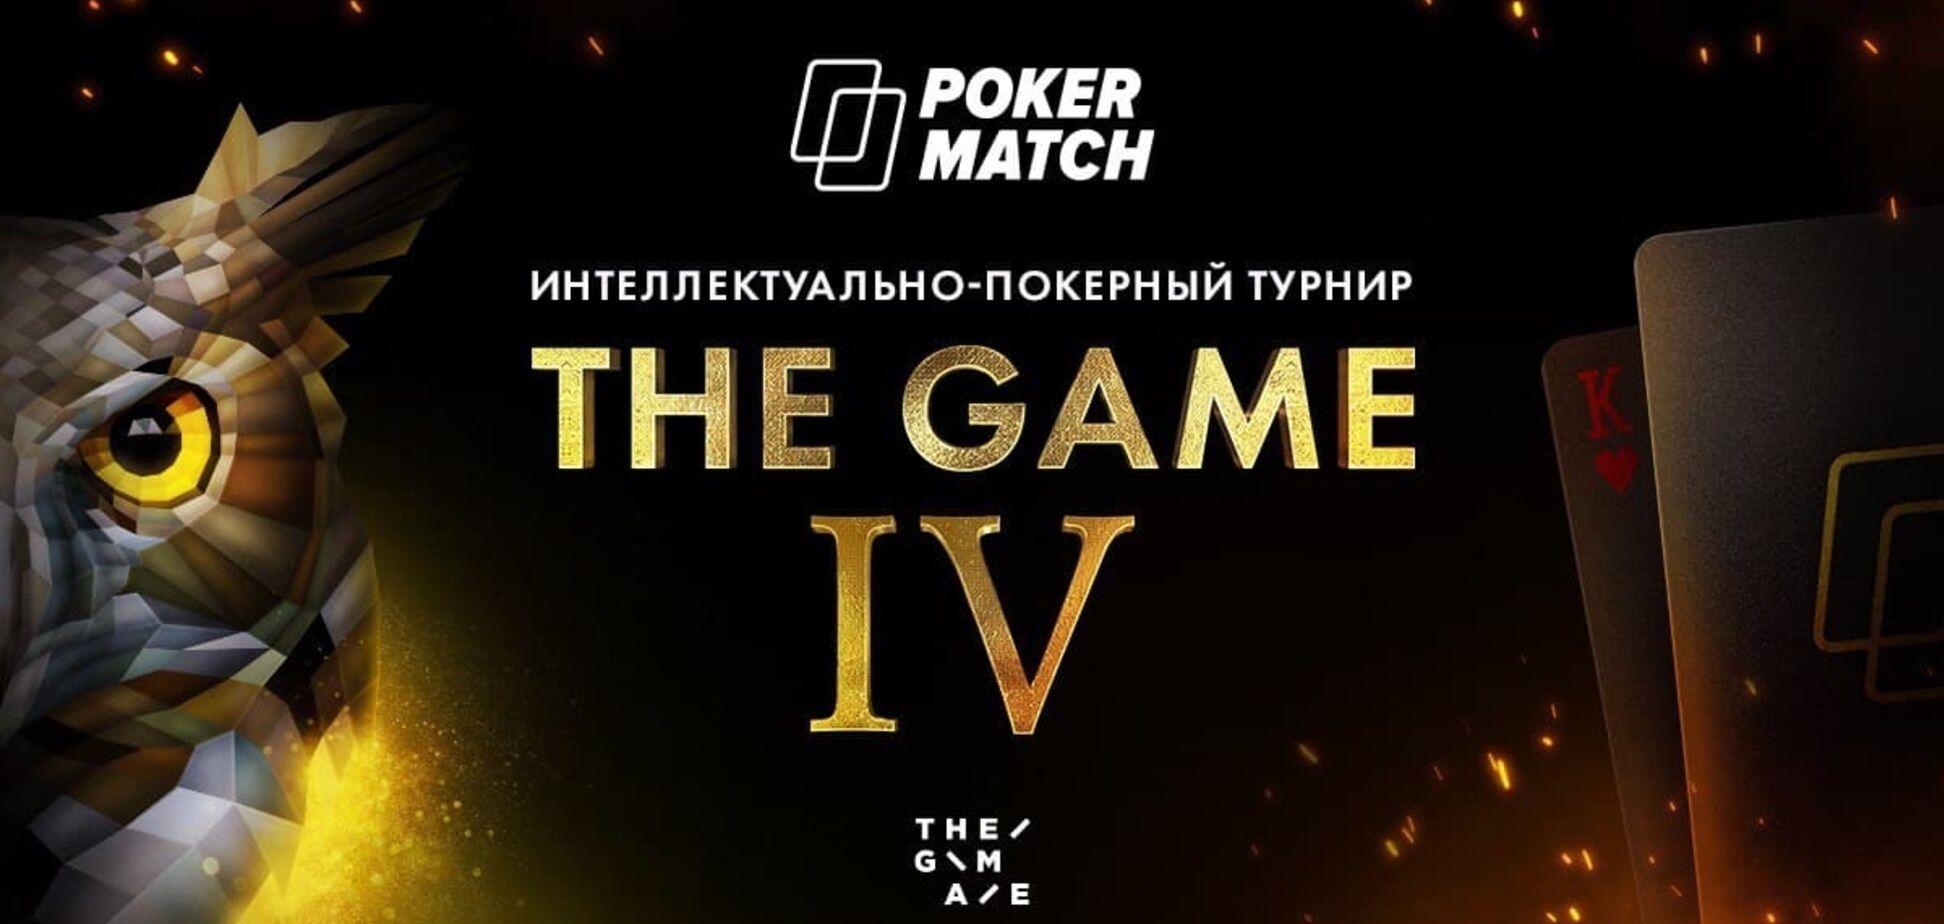 PokerMatch и The GAME провели уникальный интеллектуально-покерный турнир